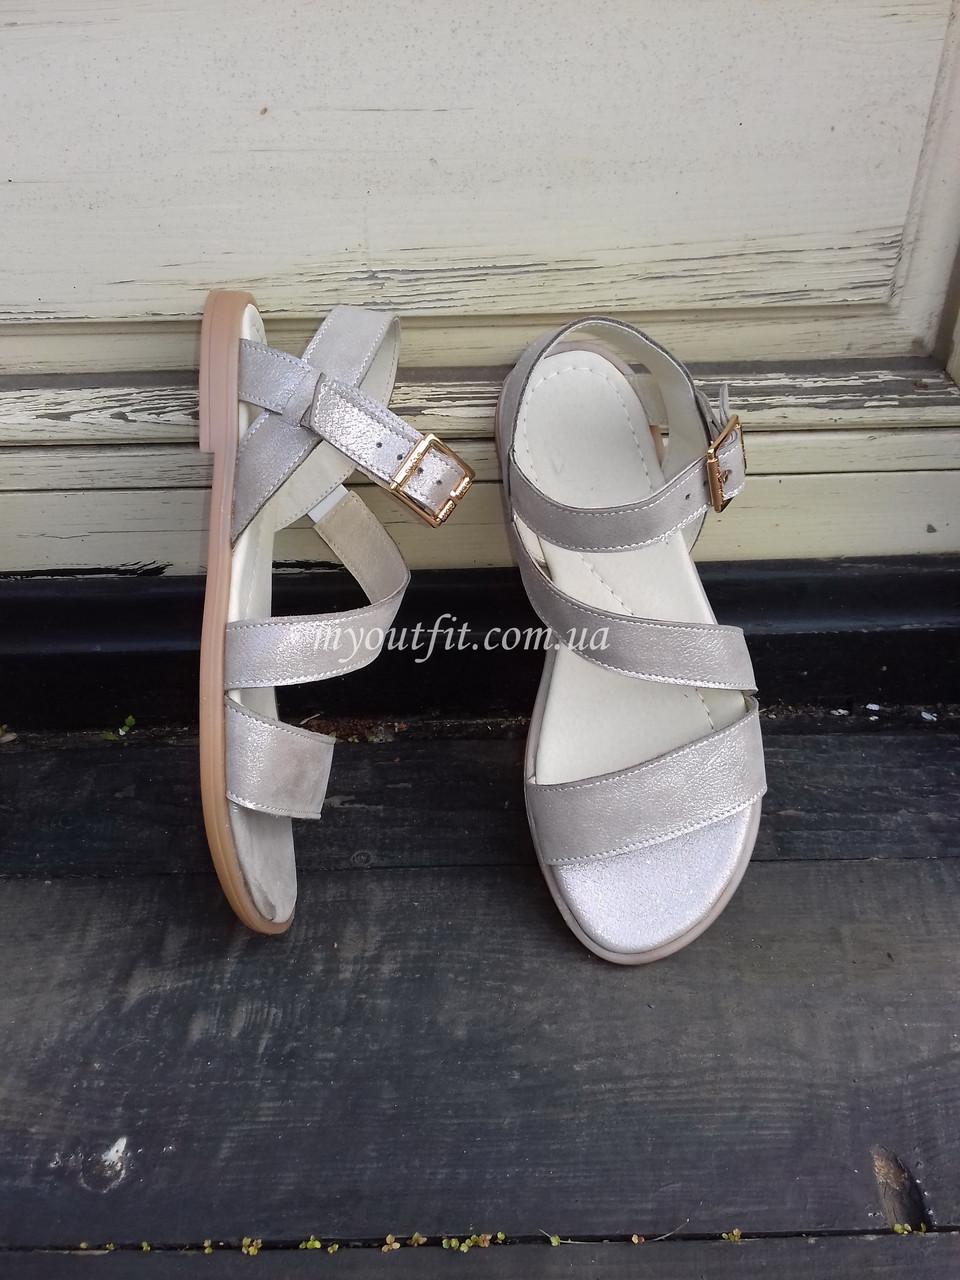 Женские сандалии кожаные Бежевый металик